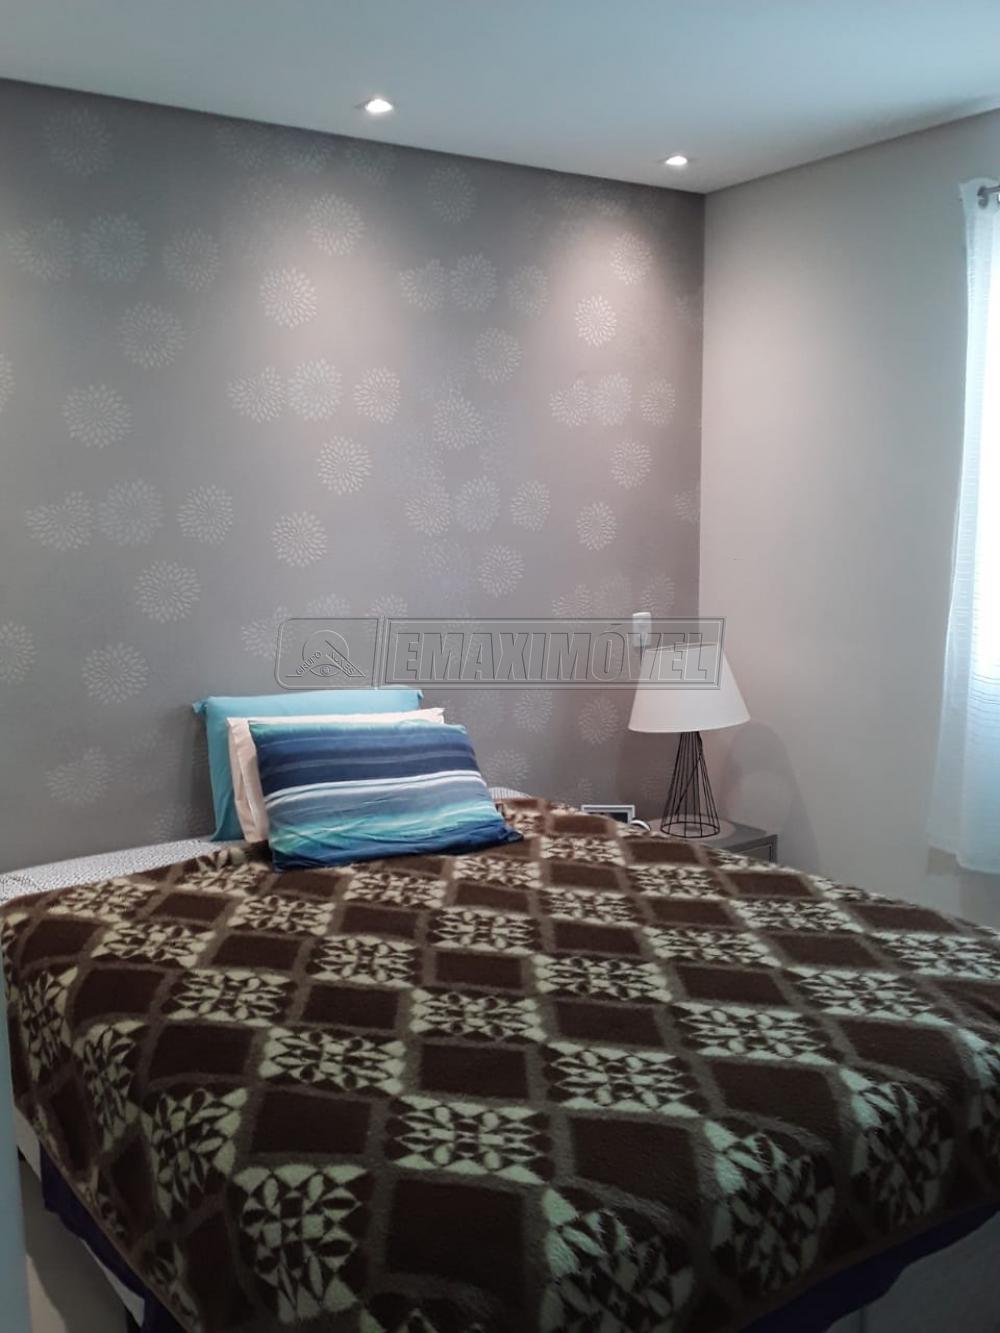 Comprar Apartamento / Padrão em Sorocaba R$ 270.000,00 - Foto 16